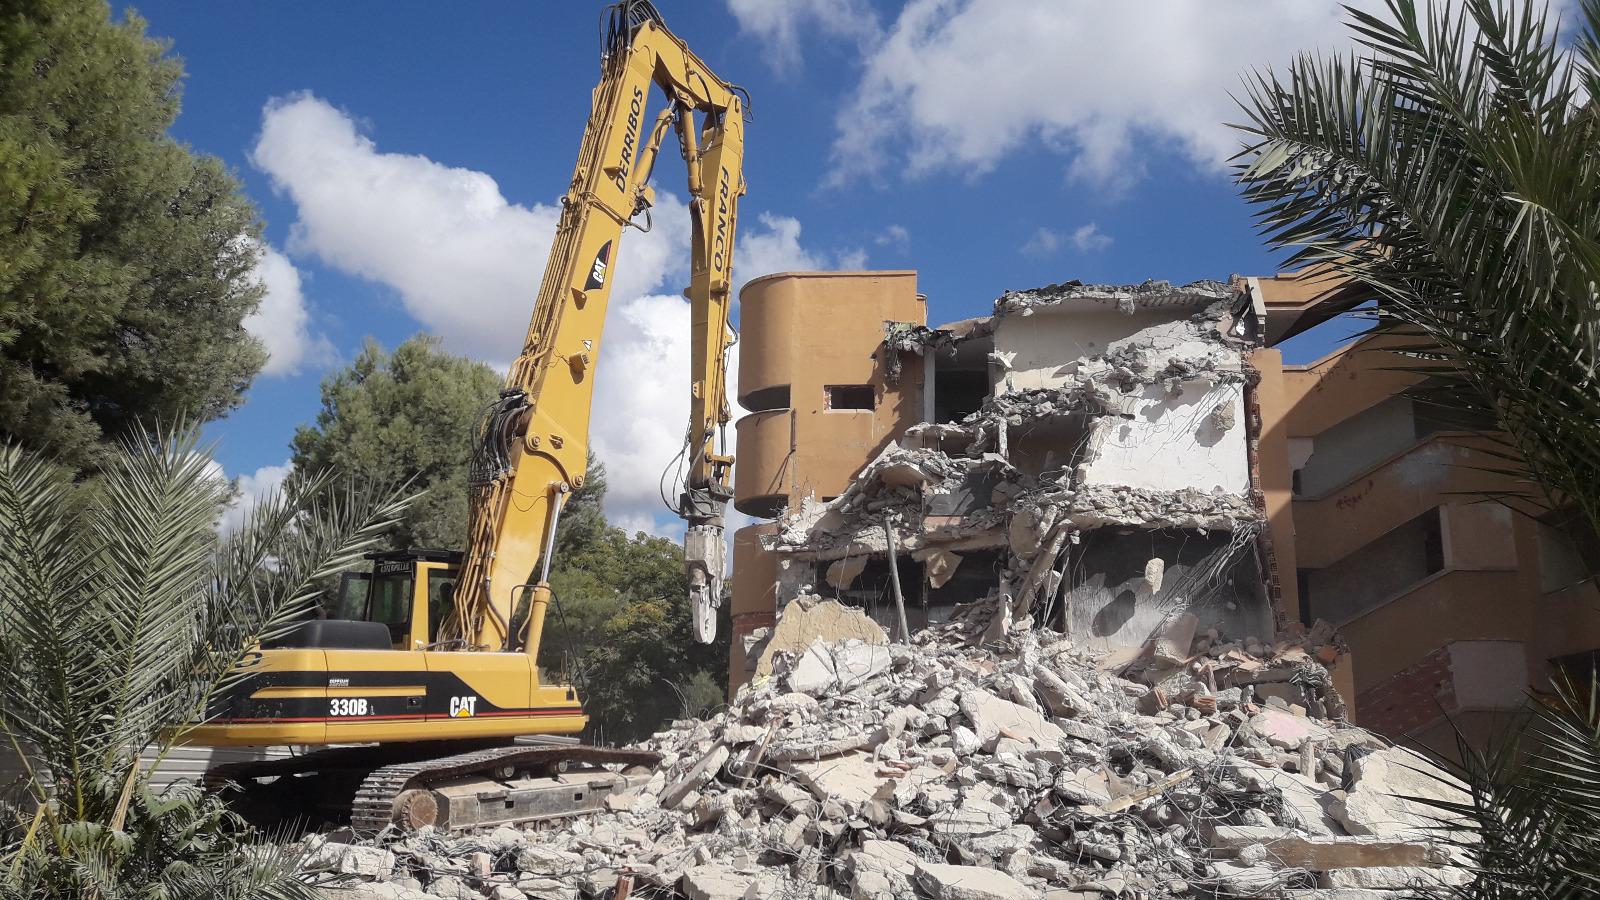 La Conselleria de Vivienda inicia los trabajos de demolición de los edificios de Llimoner 21 y 23 en Los Palmerales de Elche